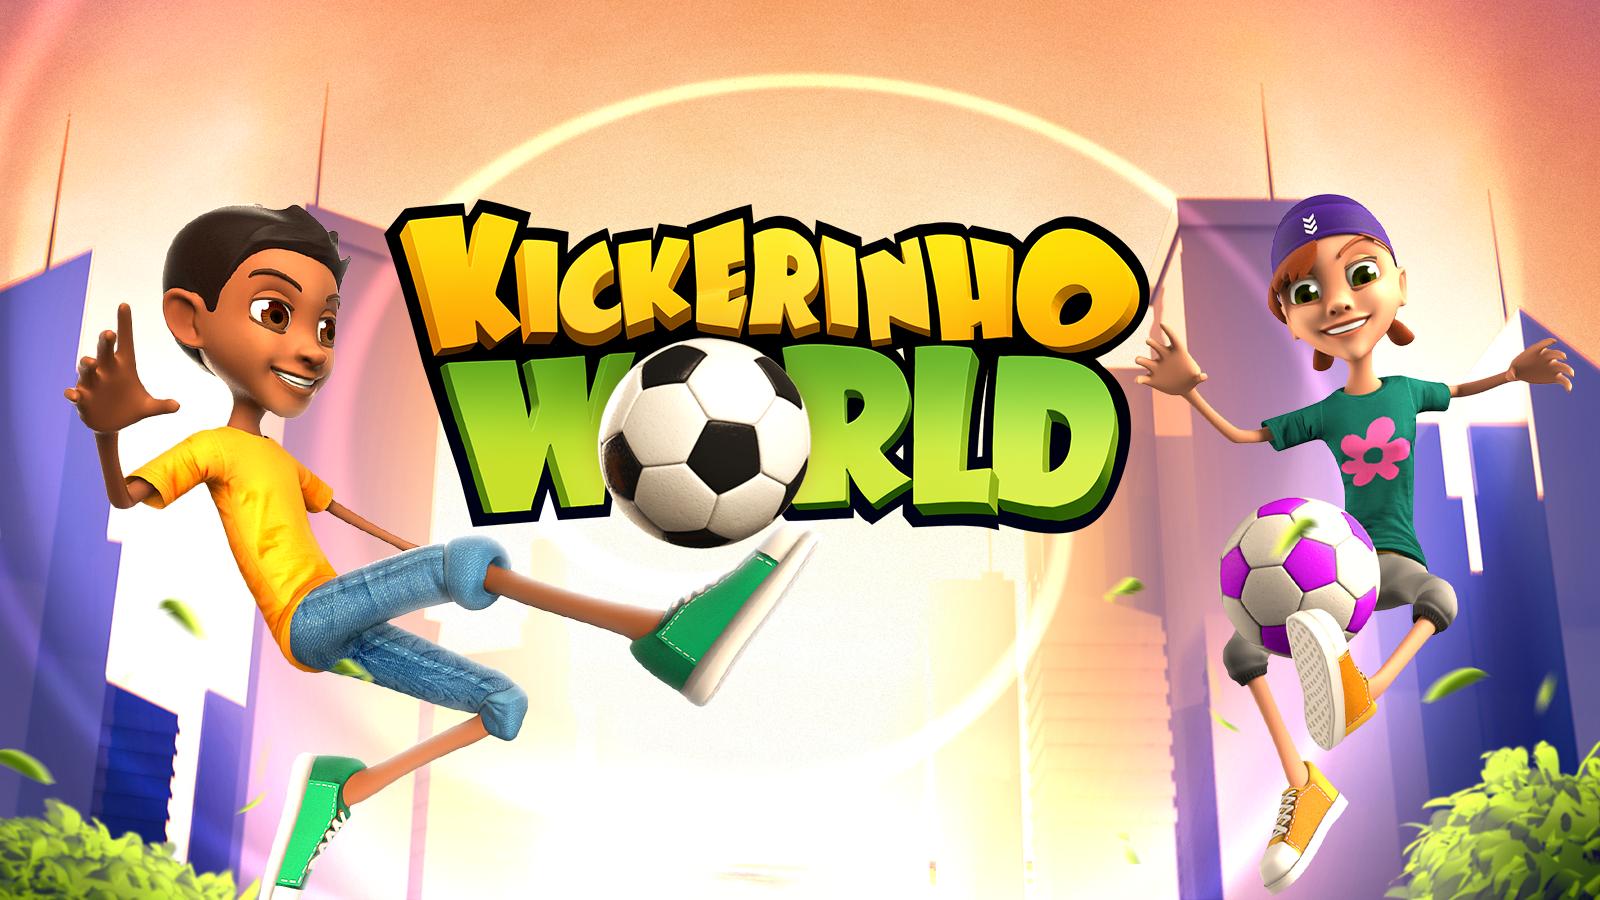 KickerinhoWorld1600x900.png